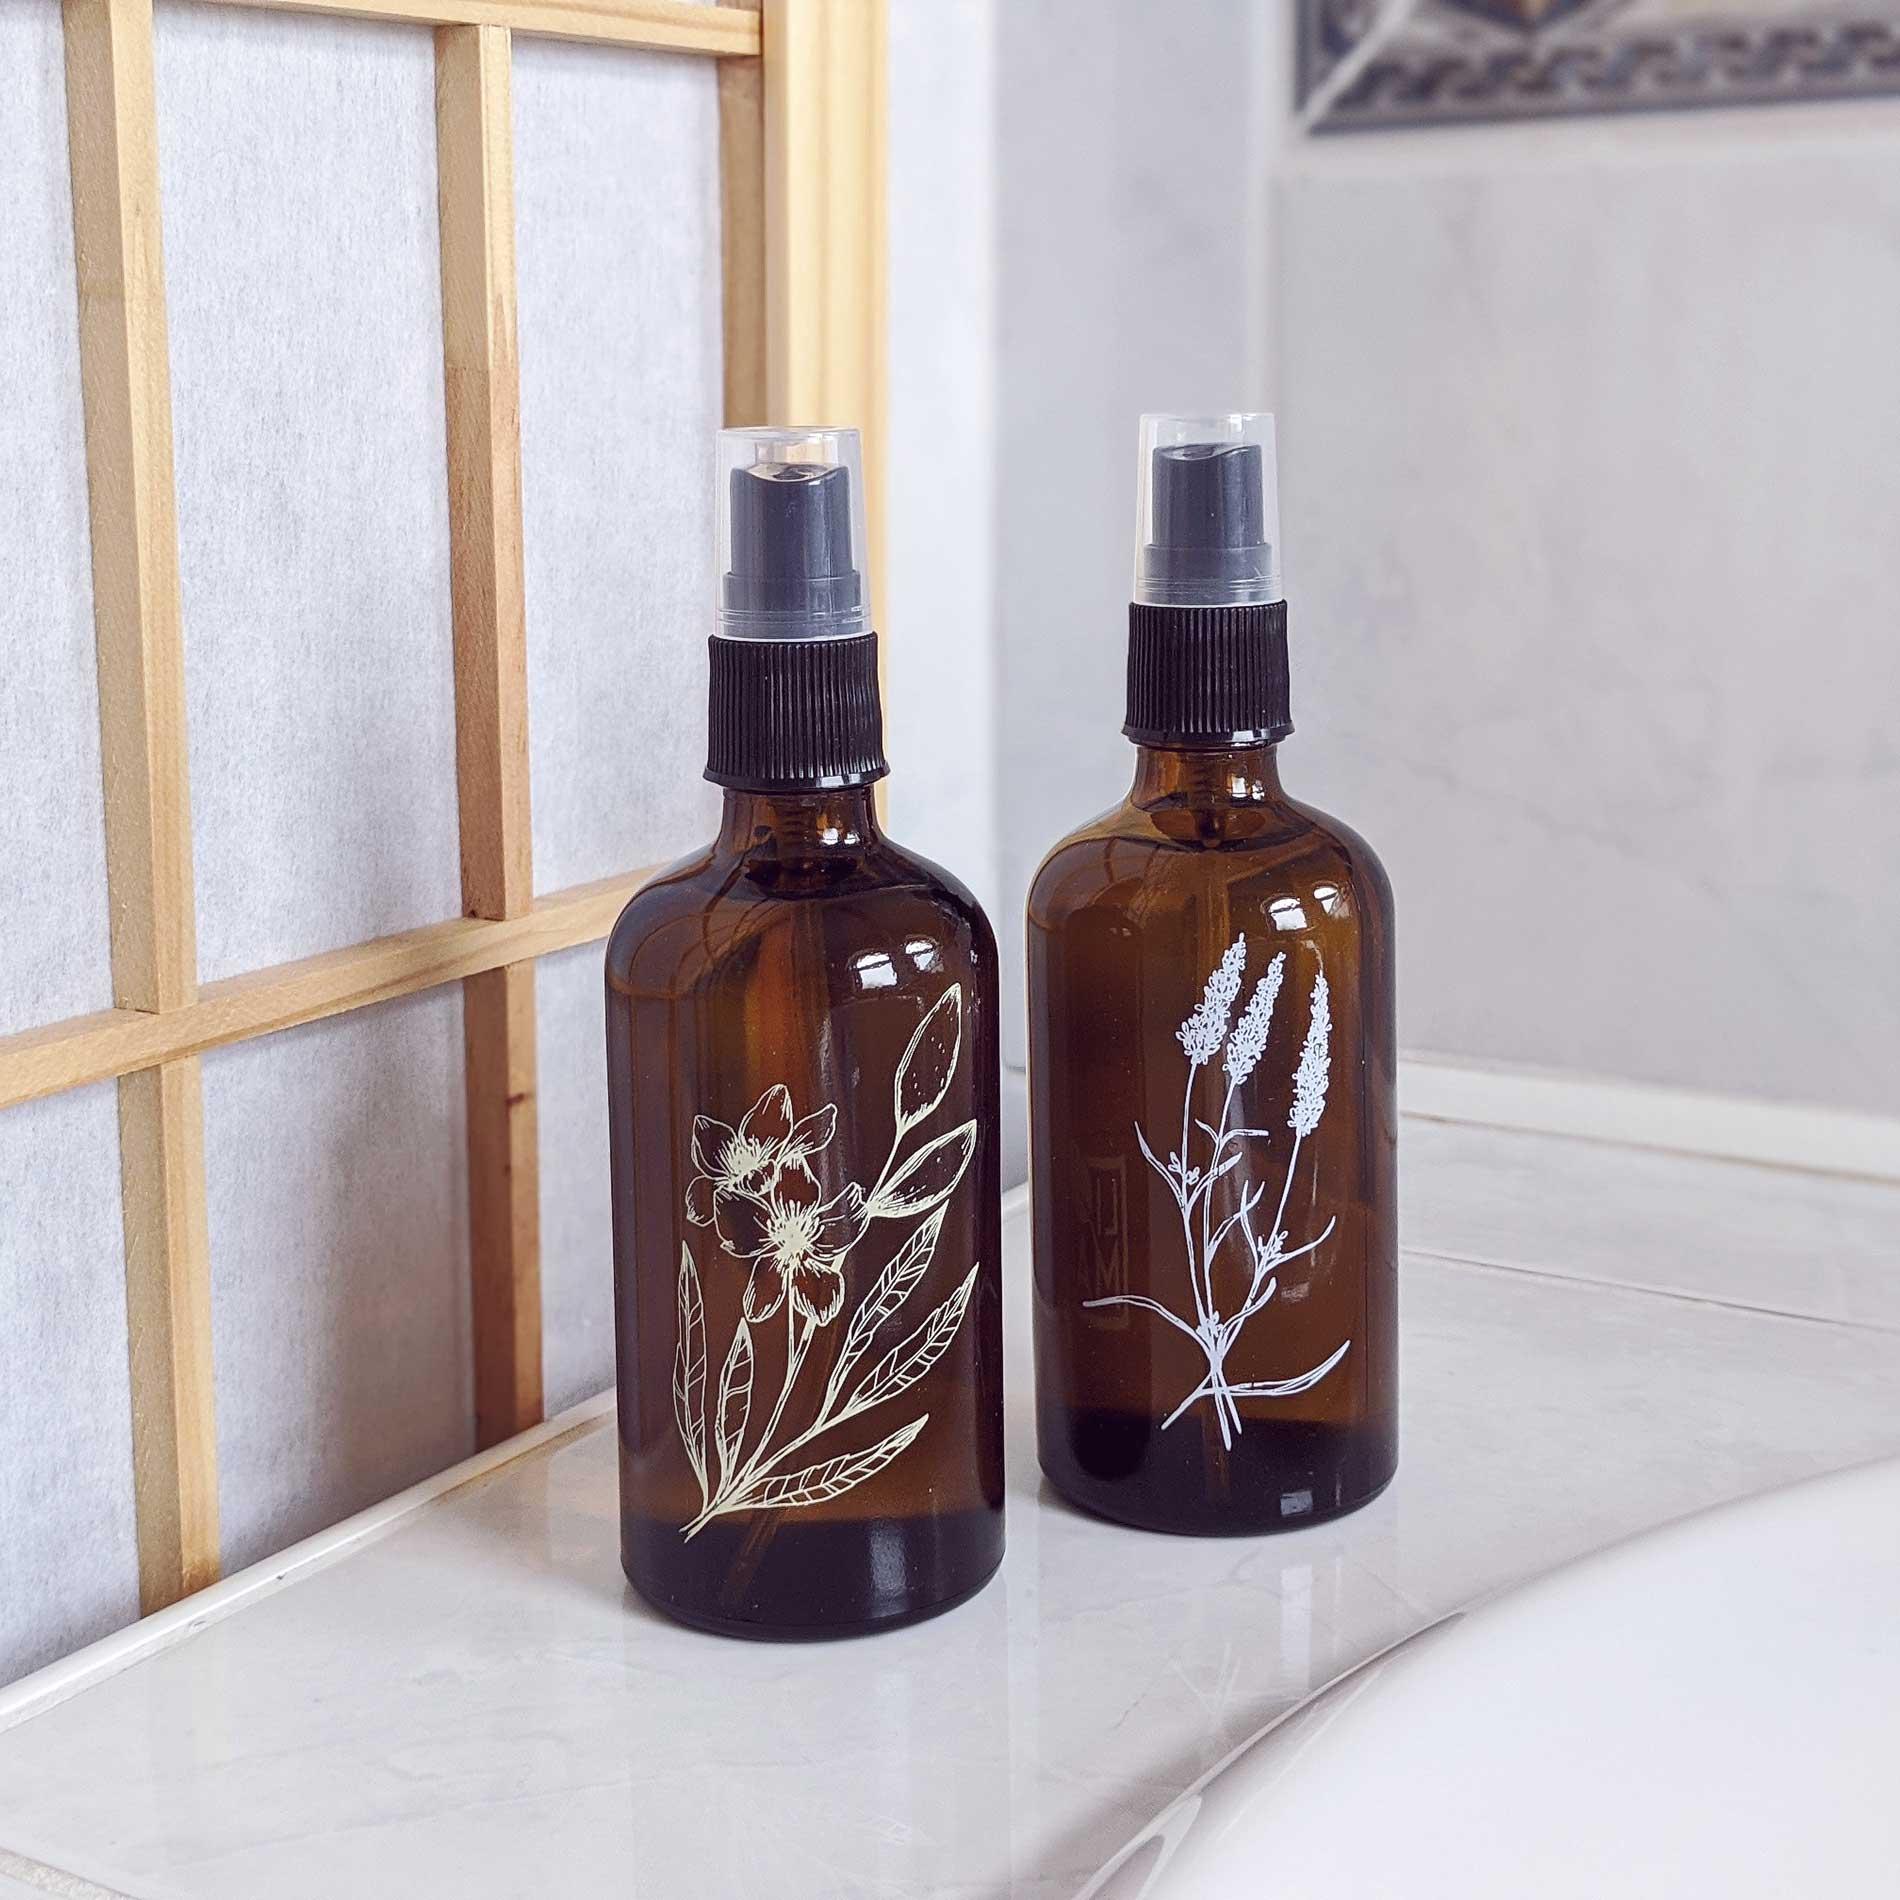 Gewinnspiel mit LIMA Cosmetics, LIMA, LIMA Cosmetics Gewinnspiel, Gewinne das Bio-Mandelöl, Gewinne das Bio-Lavendelwasser, Naturkosmetik, Nachhaltigkeit,